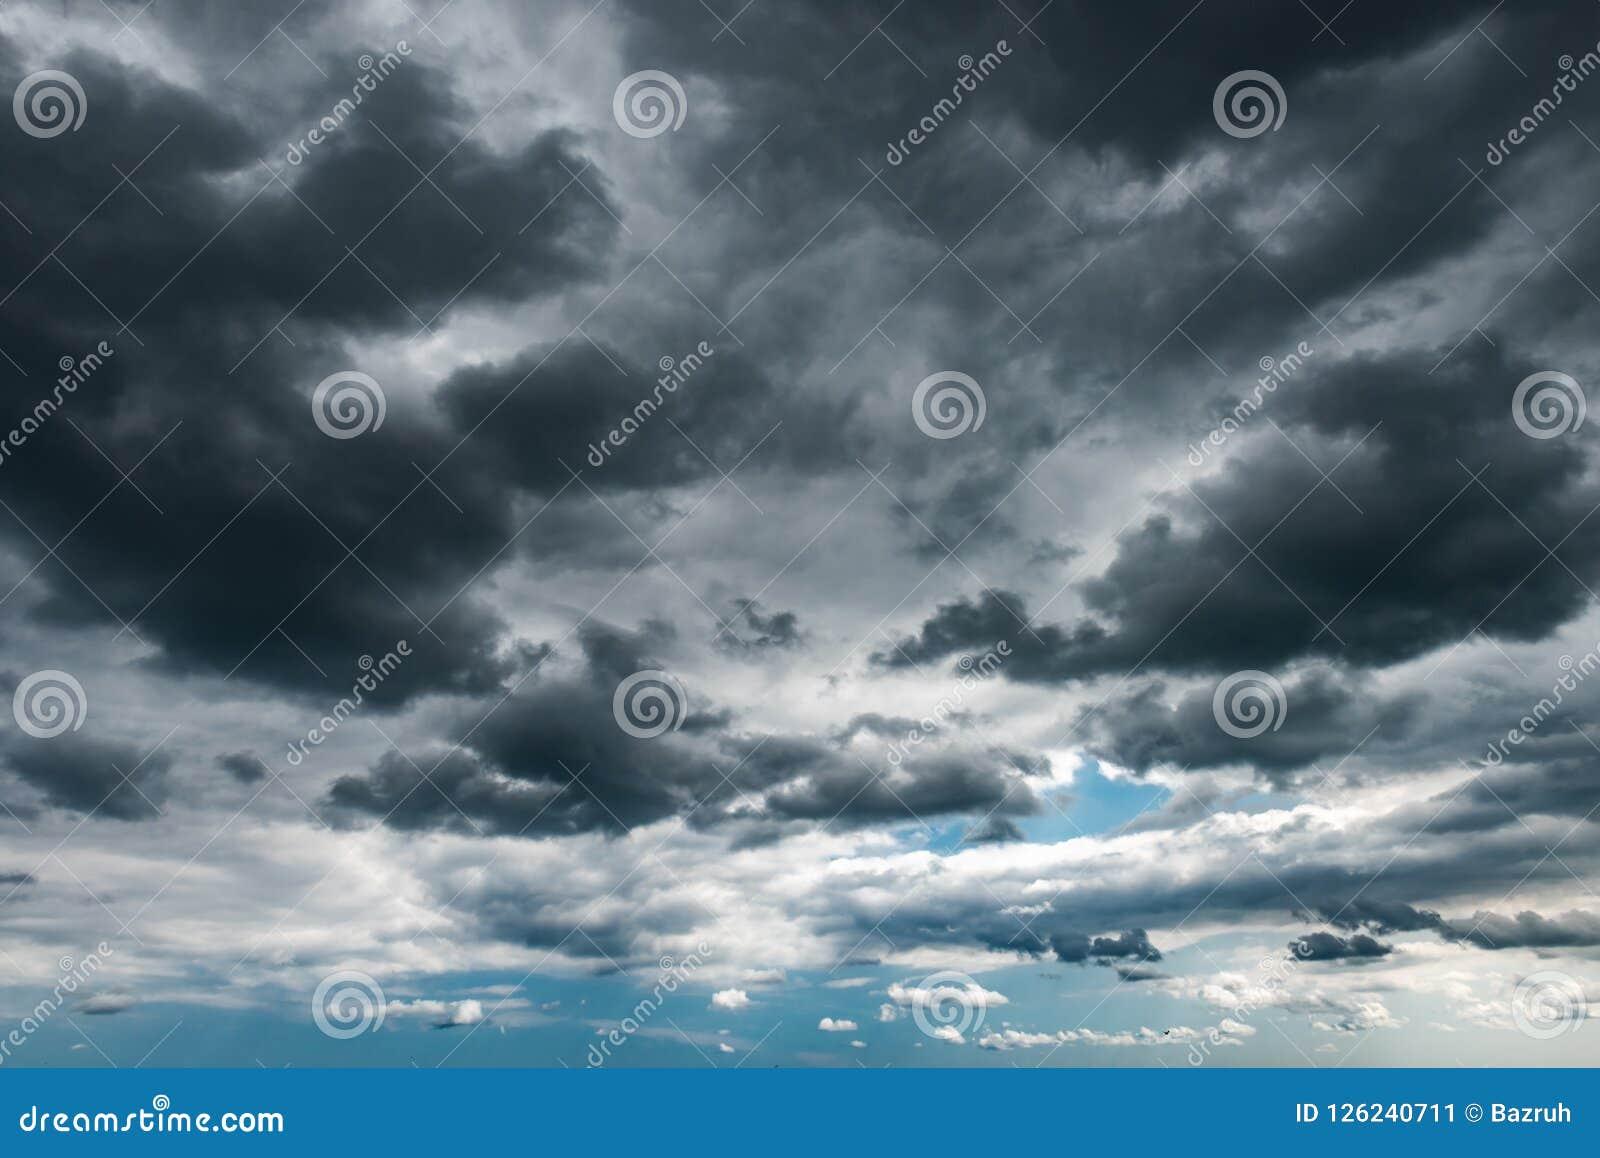 Mörka stormmoln på himlen